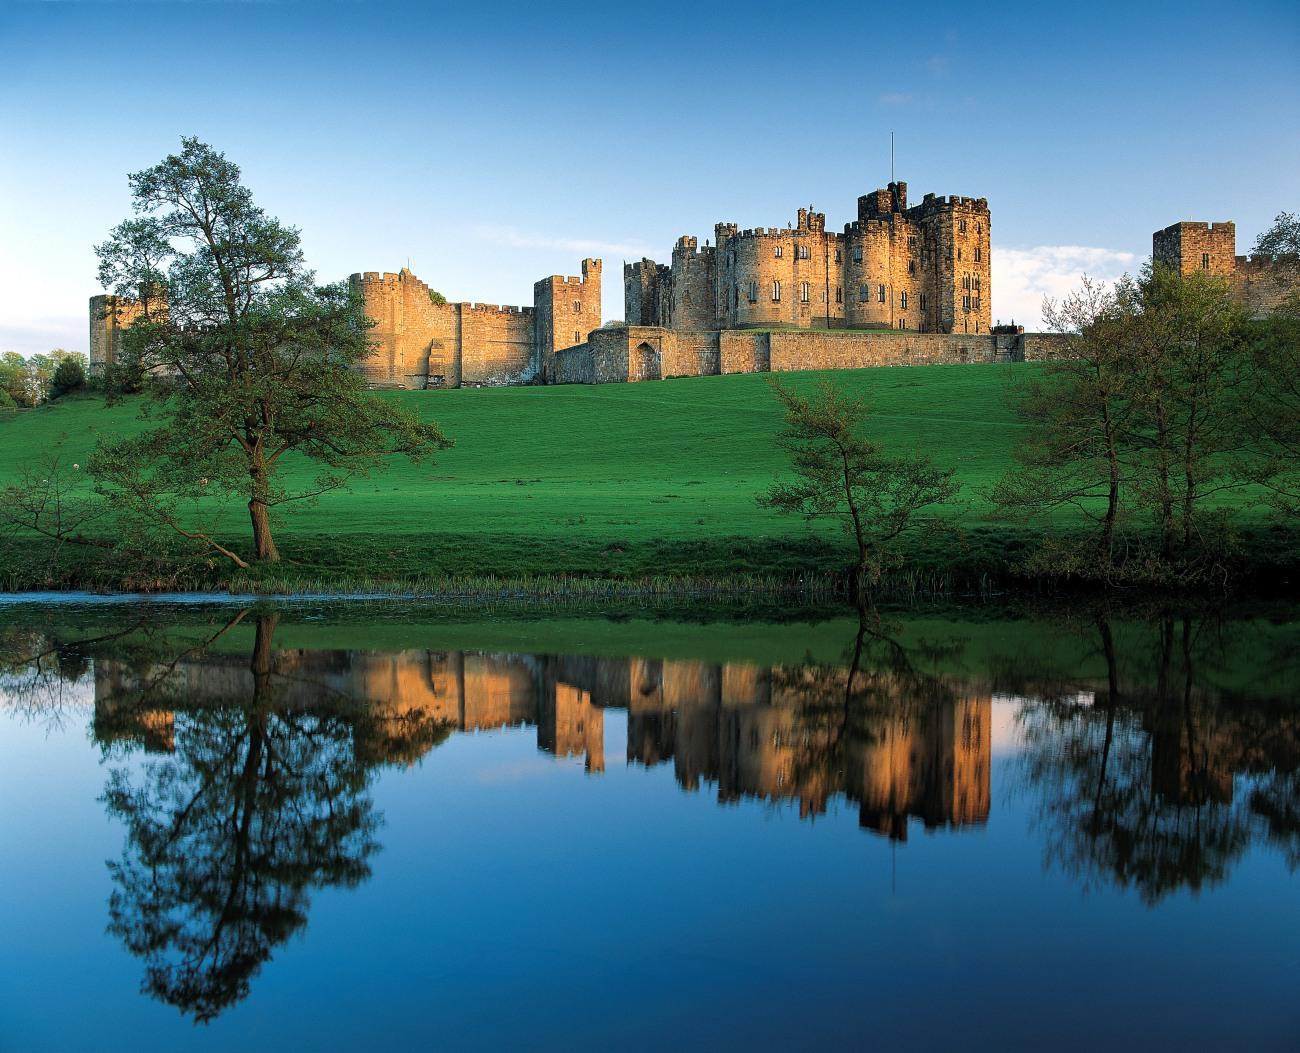 El Castillo de Alnwick, una de las localizaciones de Harry Potter en Reino Unido